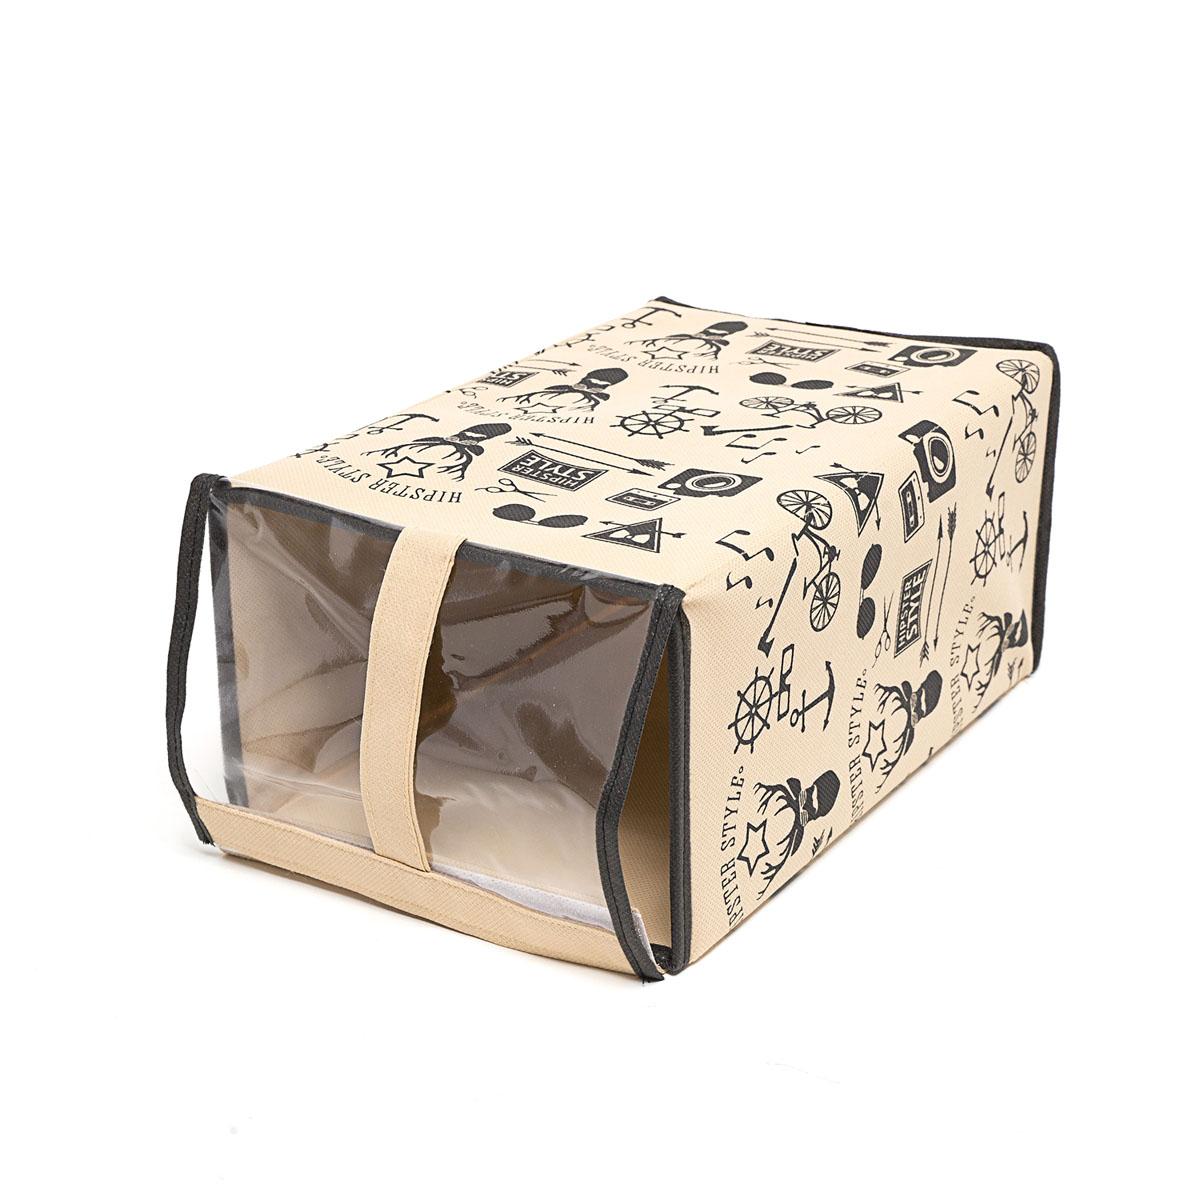 Кофр для хранения обуви Homsu Hipster Style, 33 х 22 х 16 смES-412Кофр Homsu Hipster Style изготовлен из высококачественного нетканого материала с фирменным орнаментом, который позволяет сохранять естественную вентиляцию, а воздуху свободно проникать внутрь, не пропуская пыль. Благодаря специальной картонной вставке, кофр прекрасно держит форму, а эстетичный дизайн гармонично смотрится в любом интерьере. Изделие идеально подходит для хранения обуви. Мобильность конструкции обеспечивает складывание и раскладывание одним движением. Кофр Homsu Hipster Style - это новый взгляд на систему хранения - теперь хранить вещи не только удобно, но и красиво. Прозрачная вставкаиз ПВХ позволяет видеть содержимое.Размер кофра: 33 х 16 х 22 см.